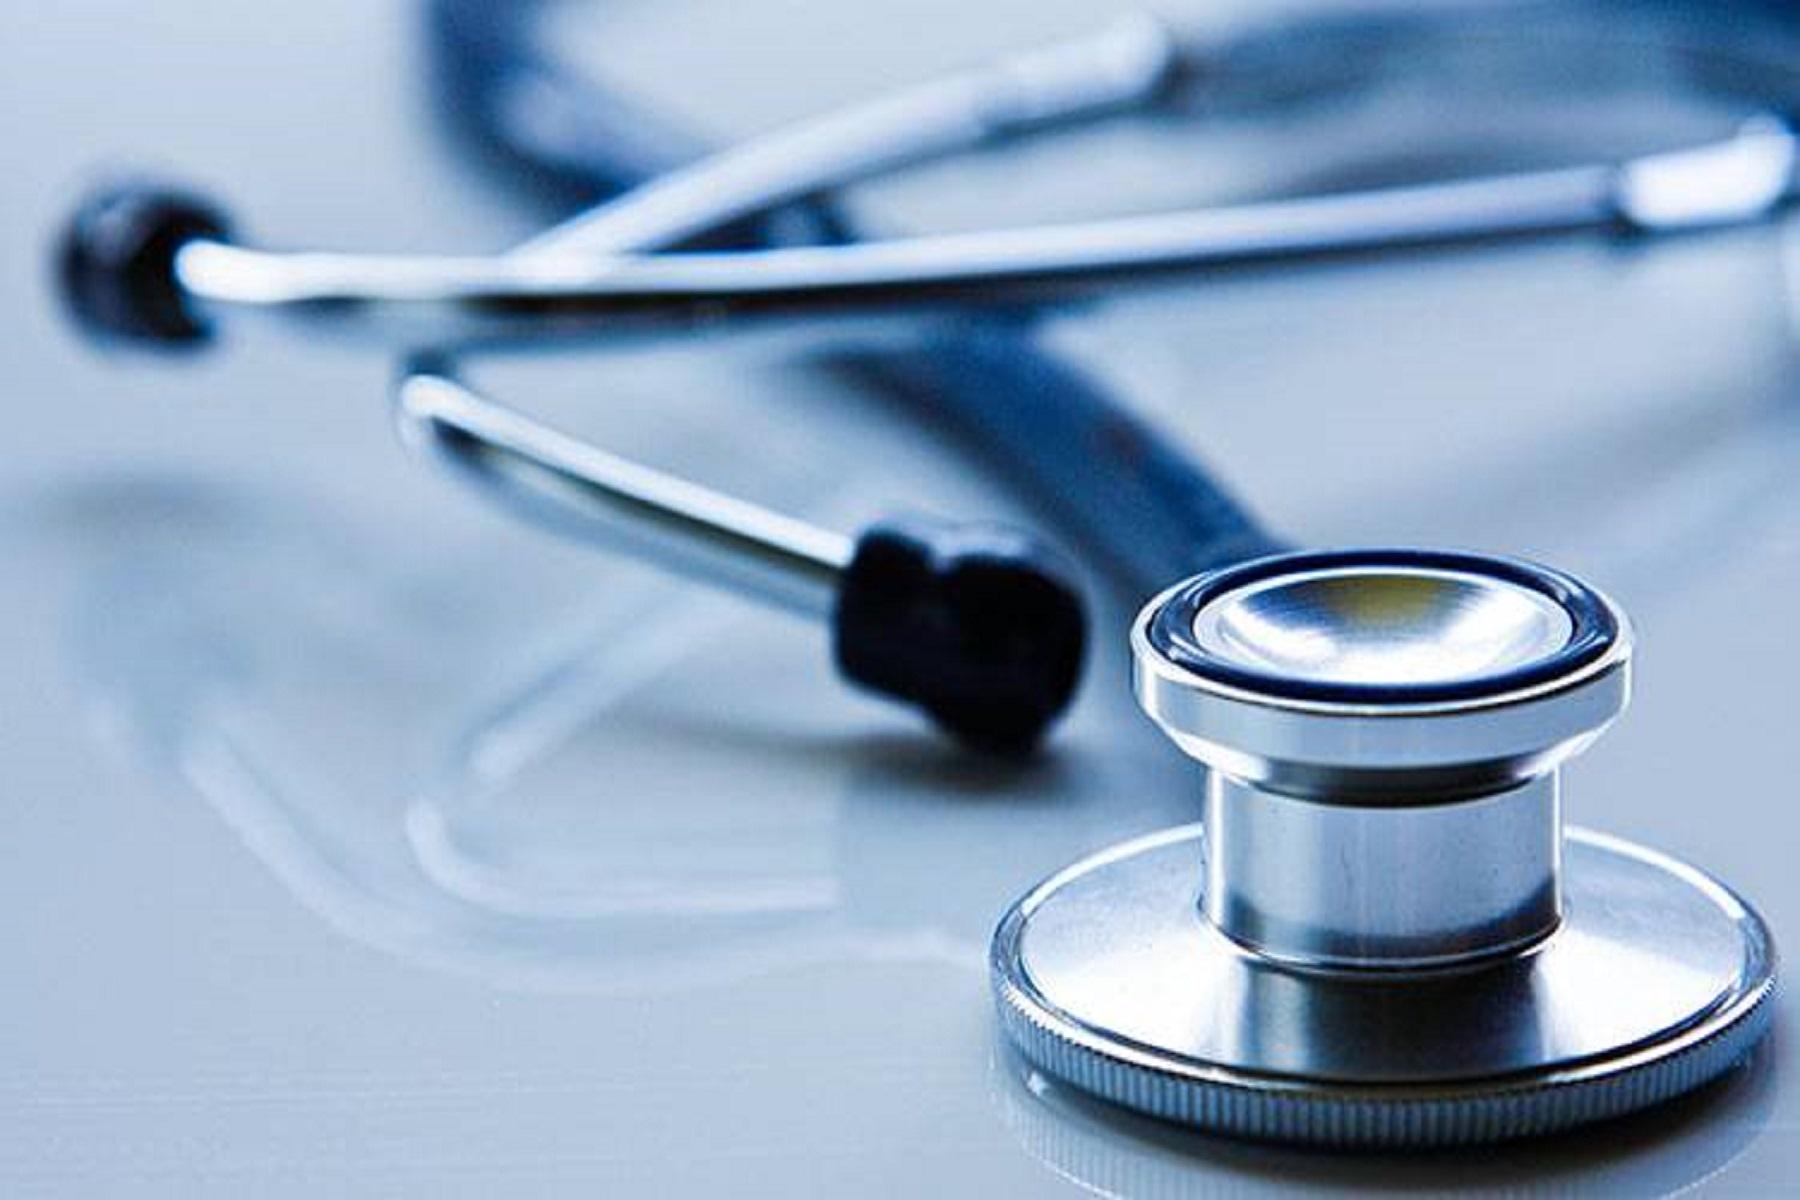 Βρέφη RSV: Ο ιός του κρύου καιρού το καλοκαίρι προκαλεί ανησυχία στους γονείς